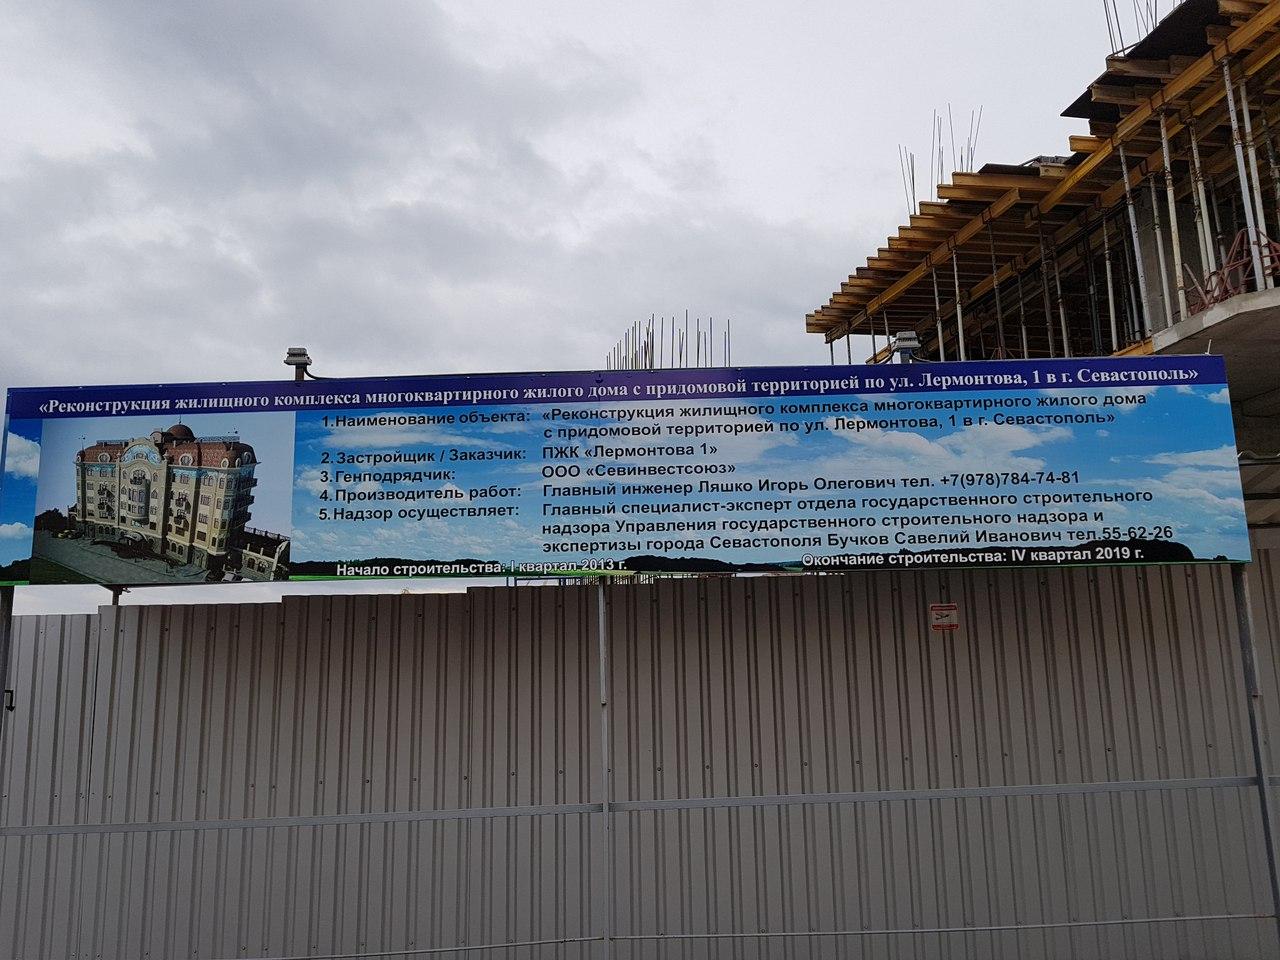 Закон не помеха: в историческом центре Севастополя продолжается строительство высоток